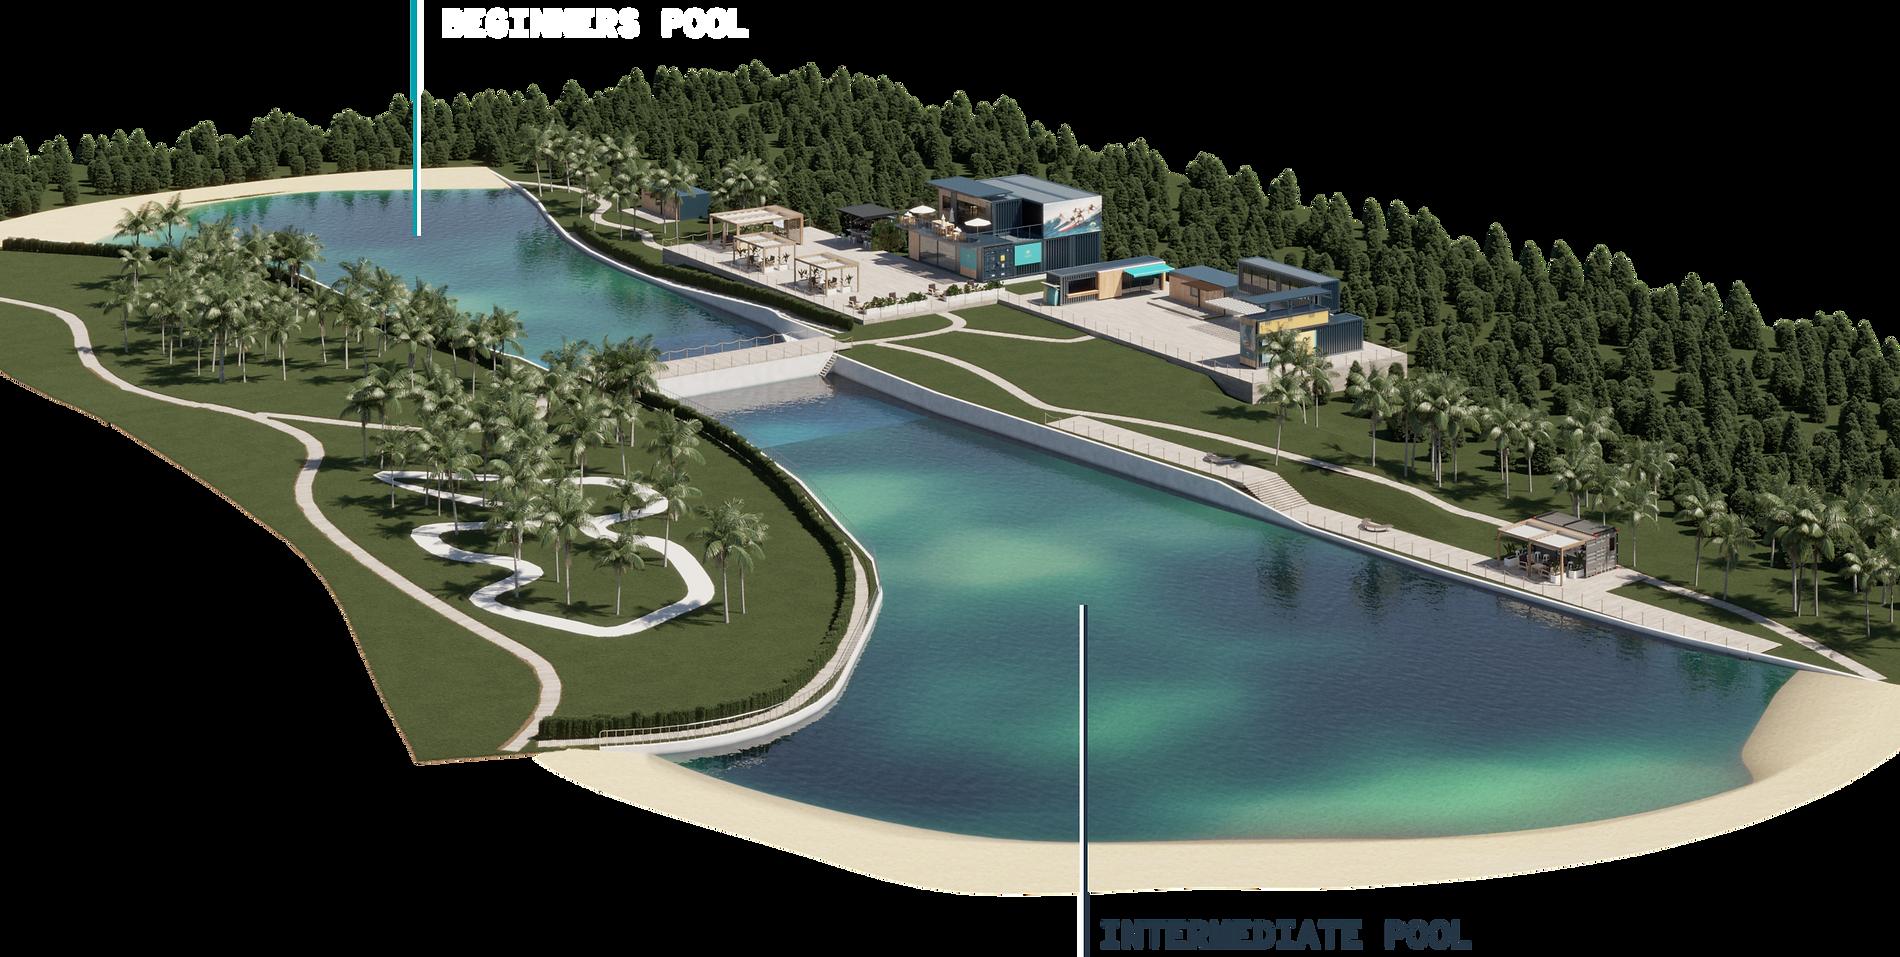 pool-rendering@2x.png